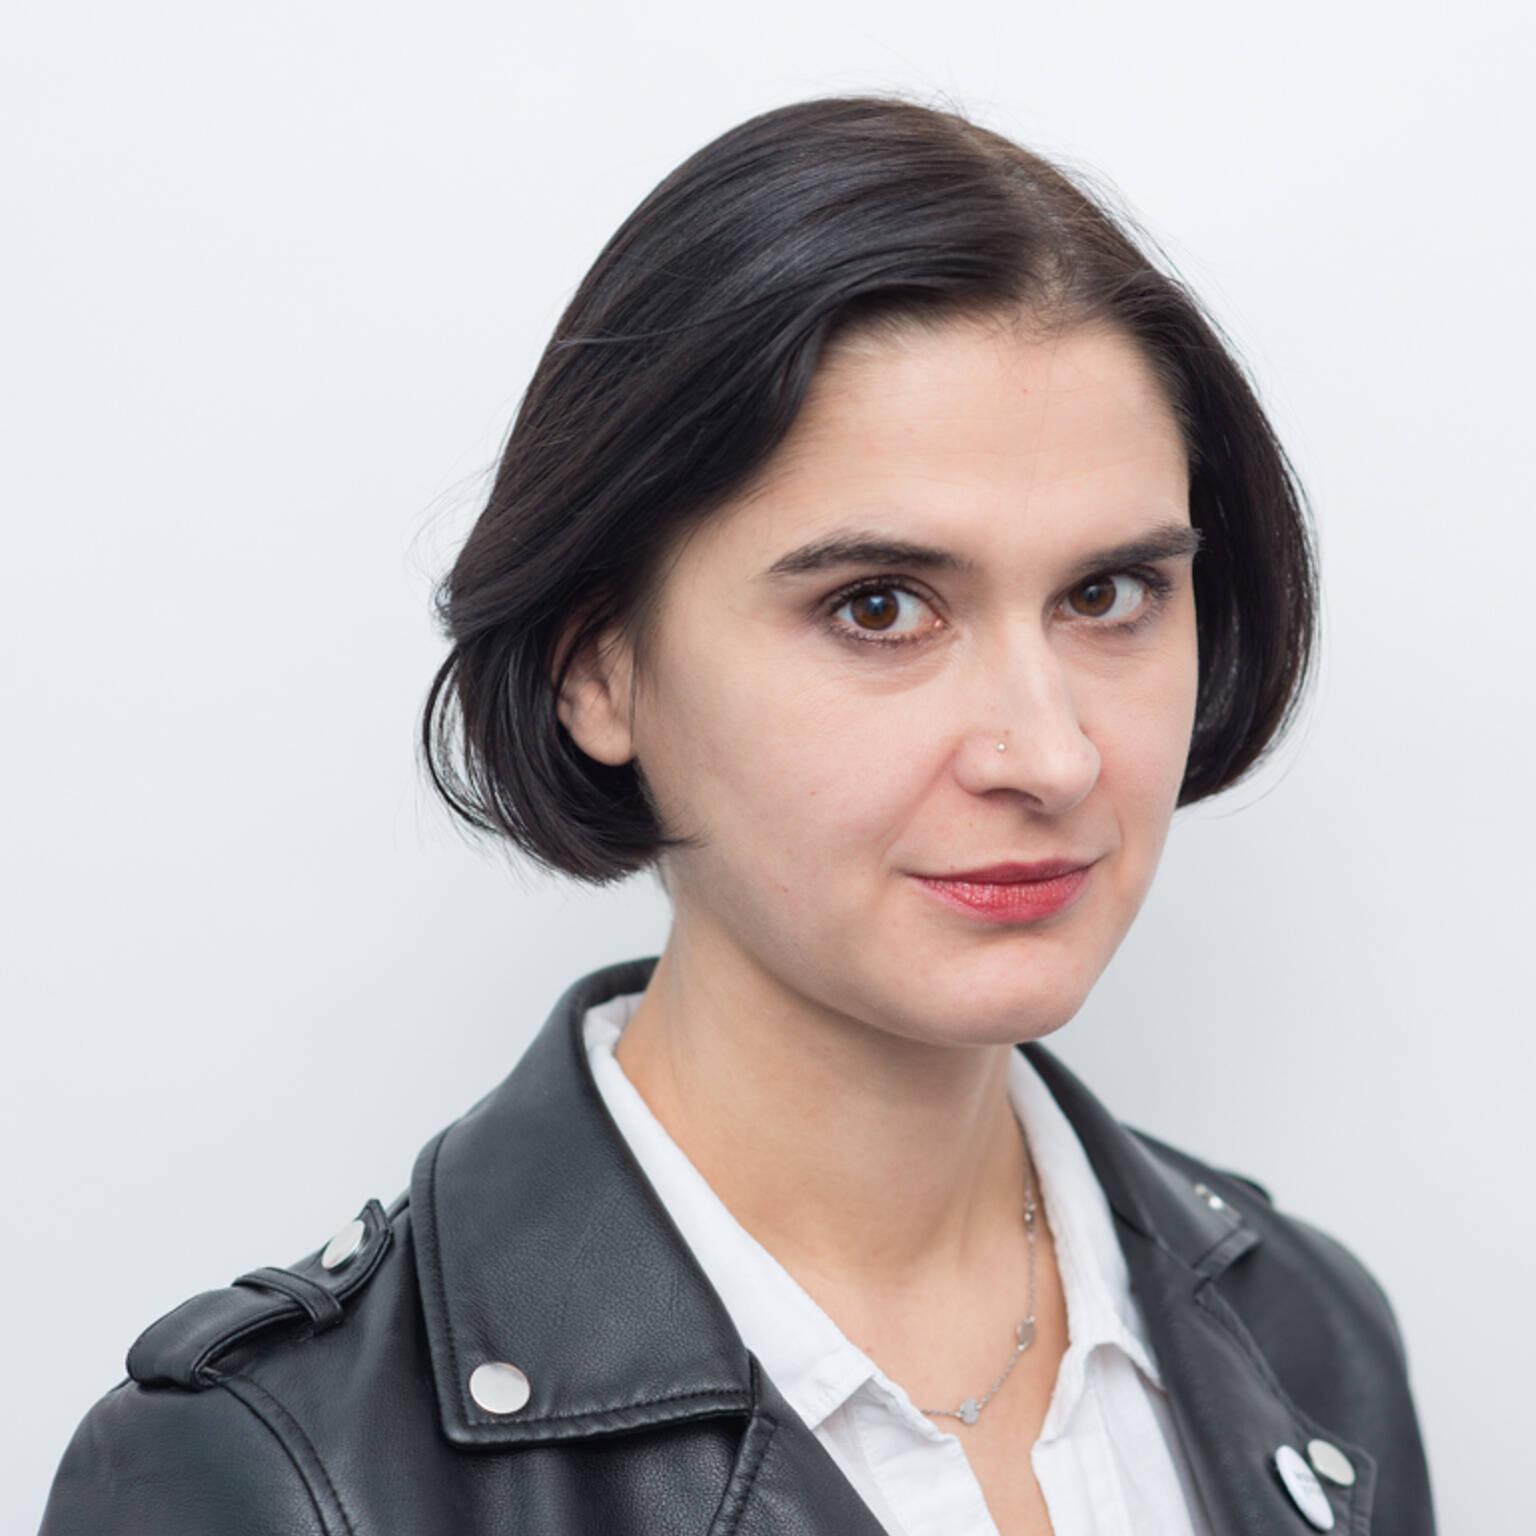 Photo of Agnieszka Wiśniewska